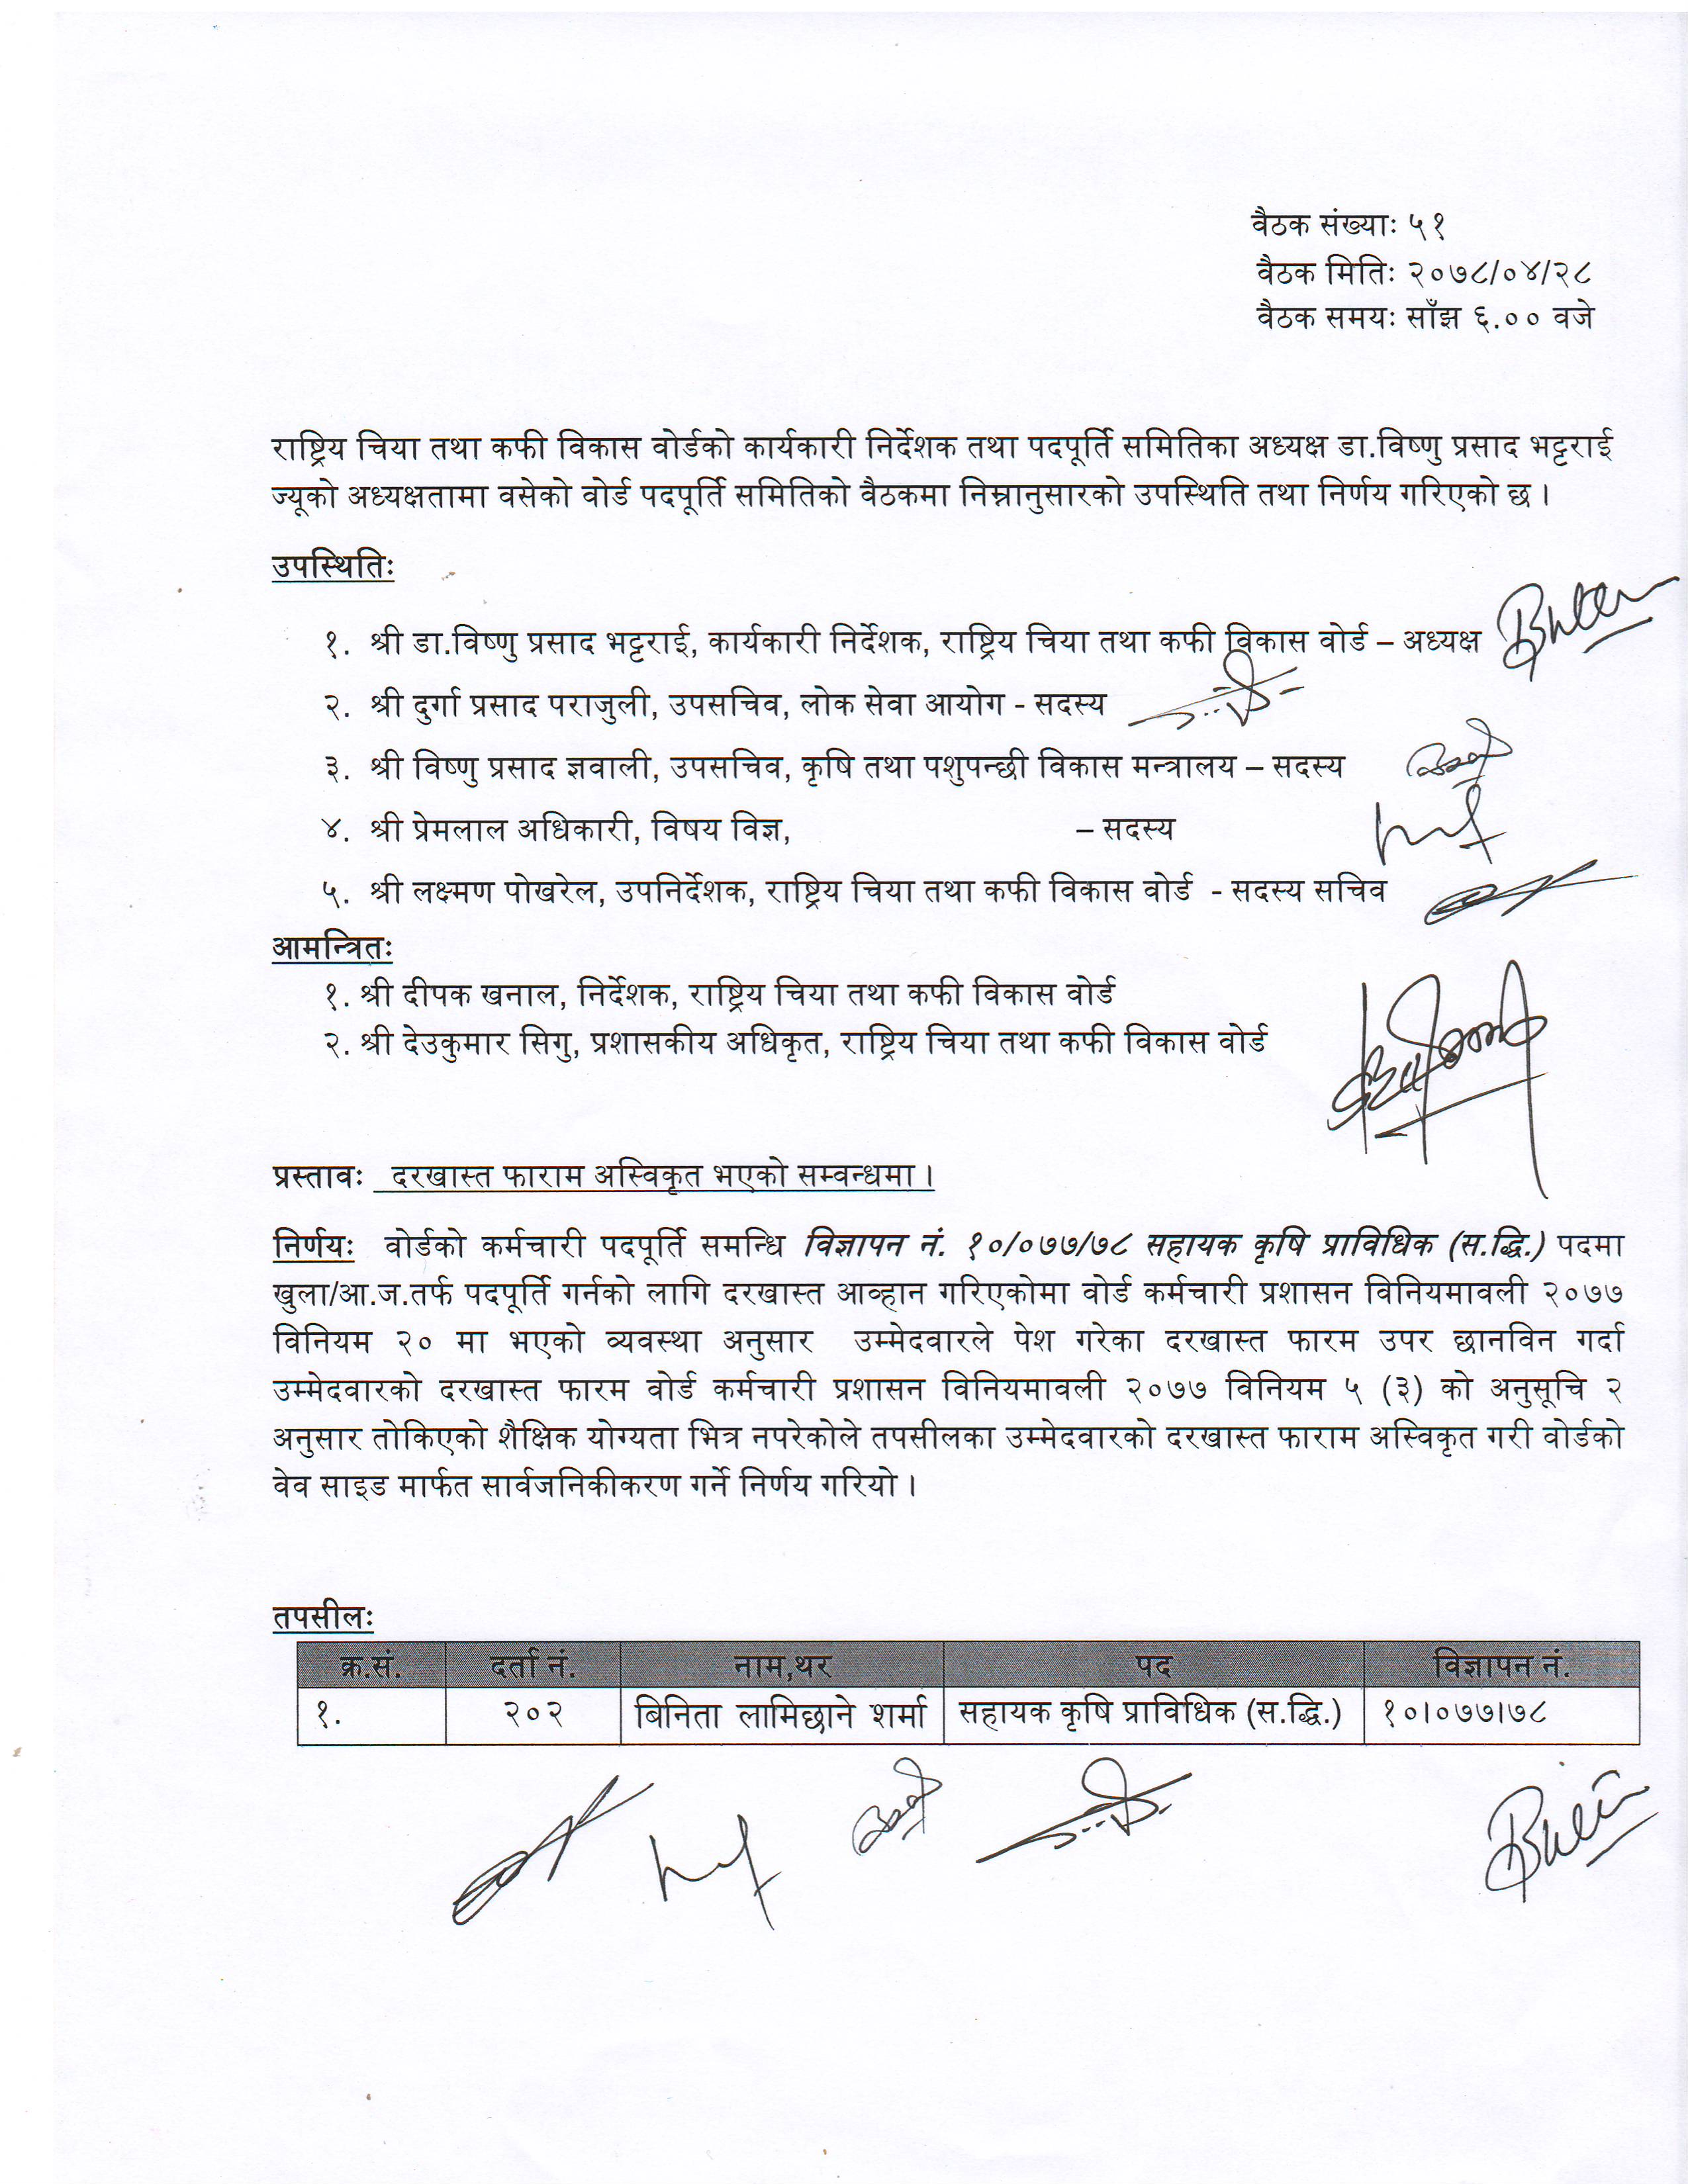 Vacancy information